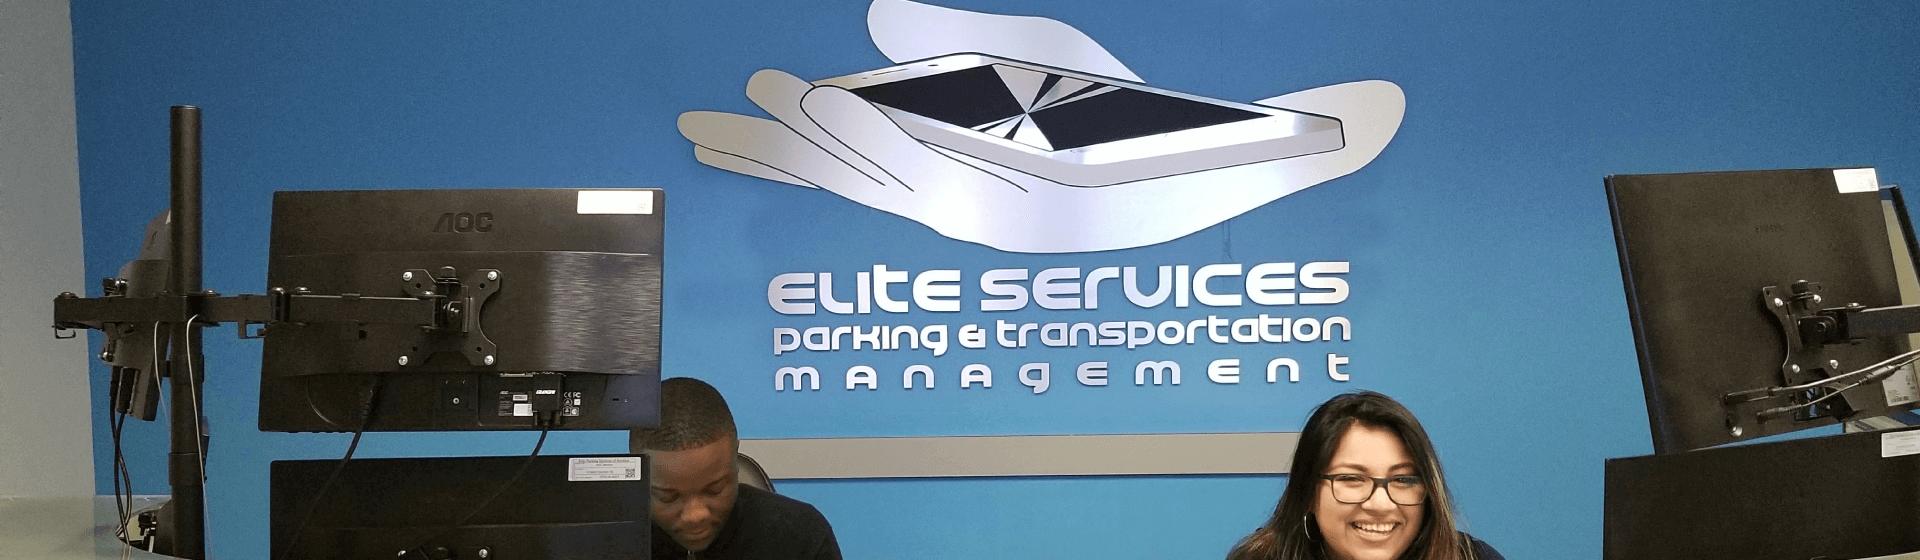 Image of elite service parking transportation management